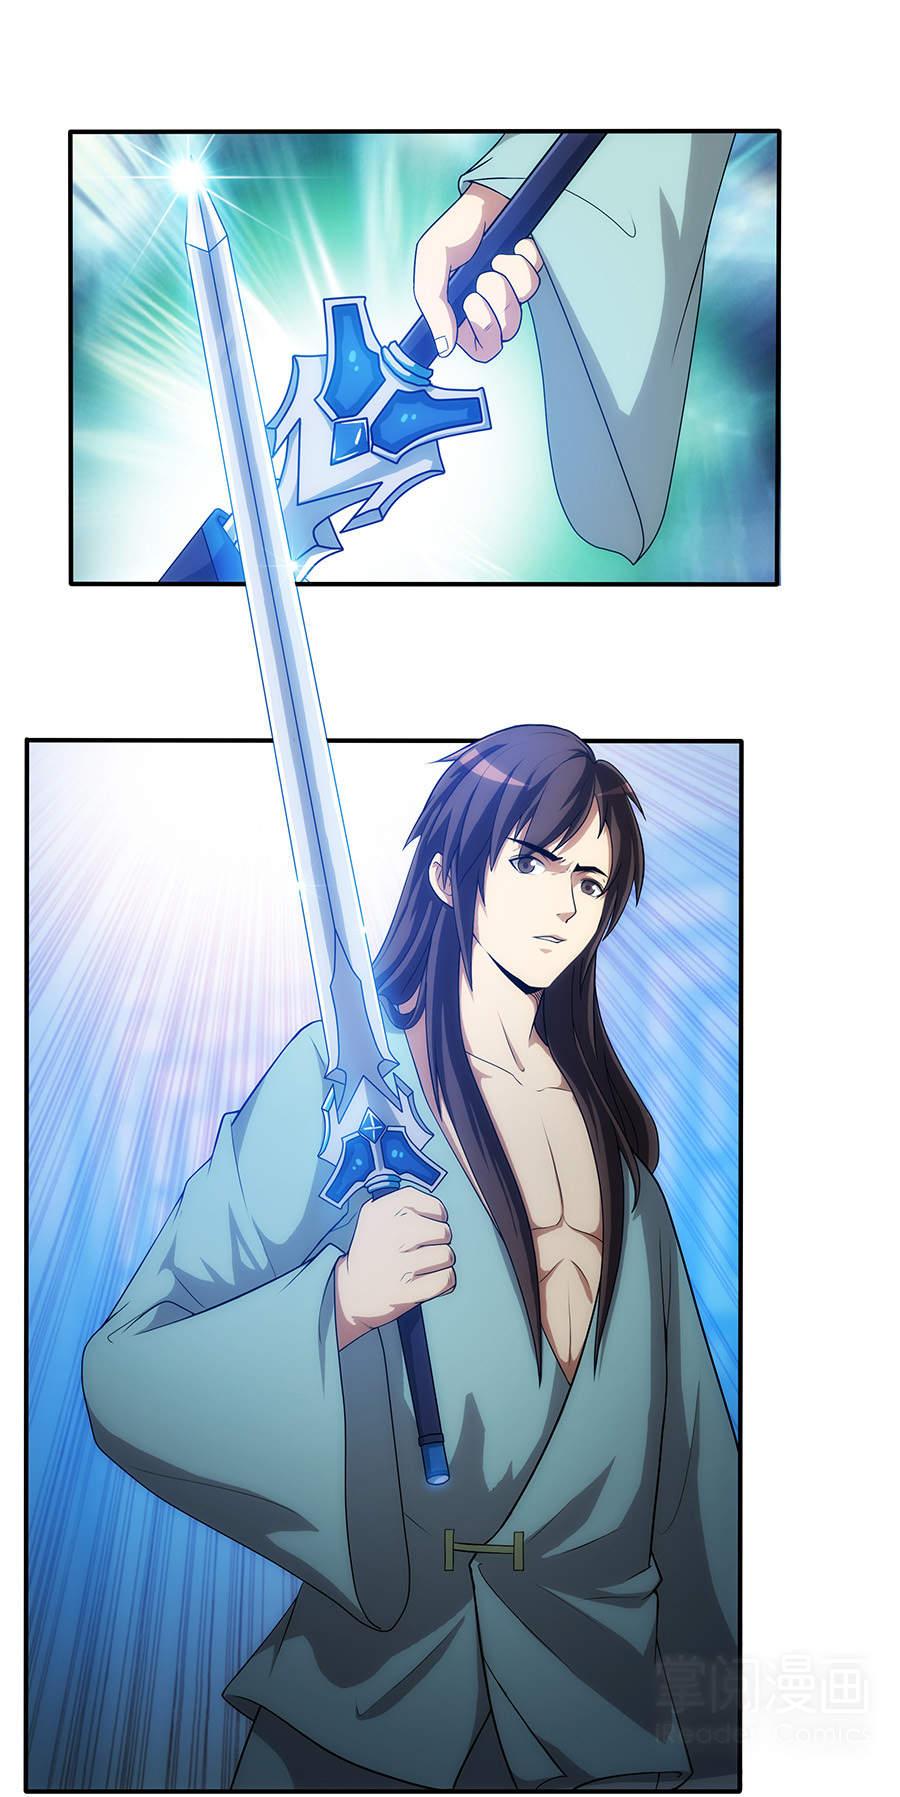 绝世剑神第3话  一剑在手 第 10